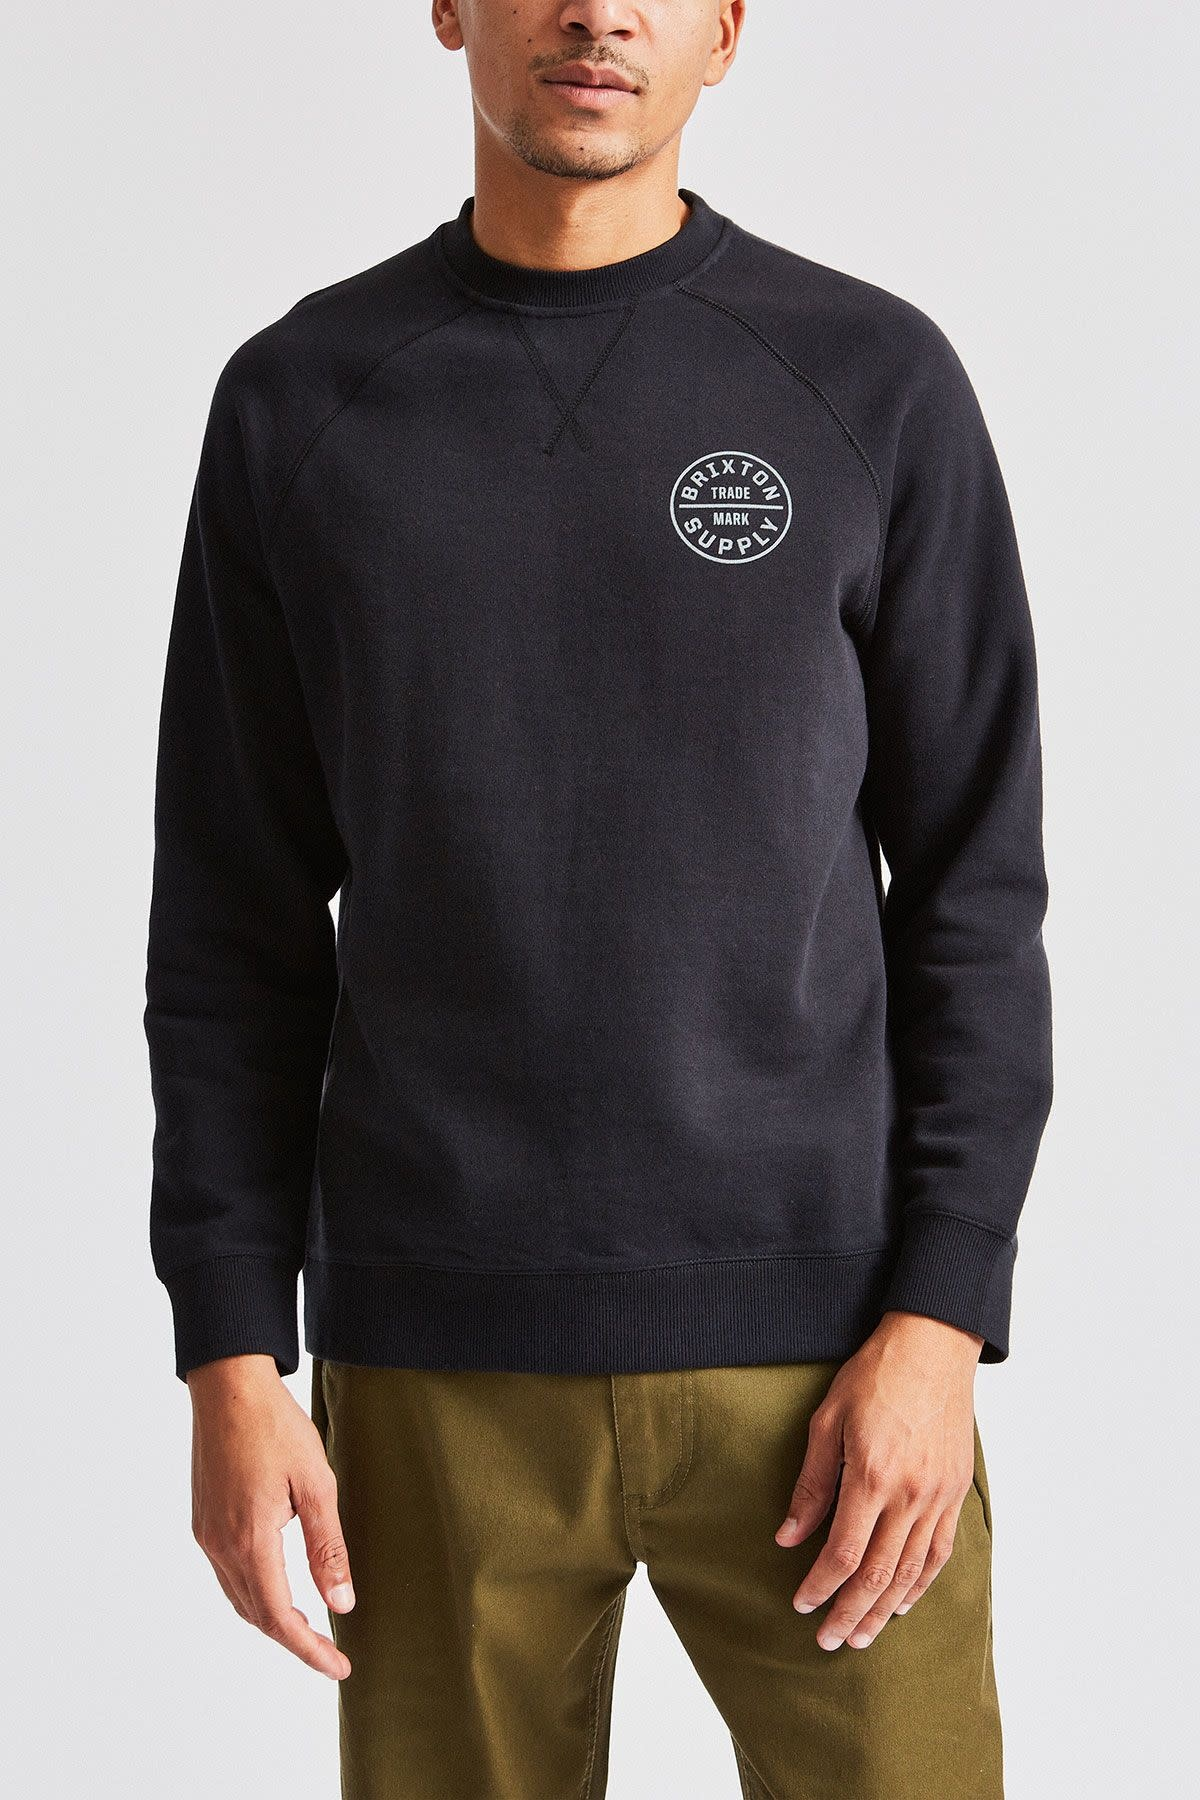 Brixton Oath Crew Fleece - Blauer Board Shop